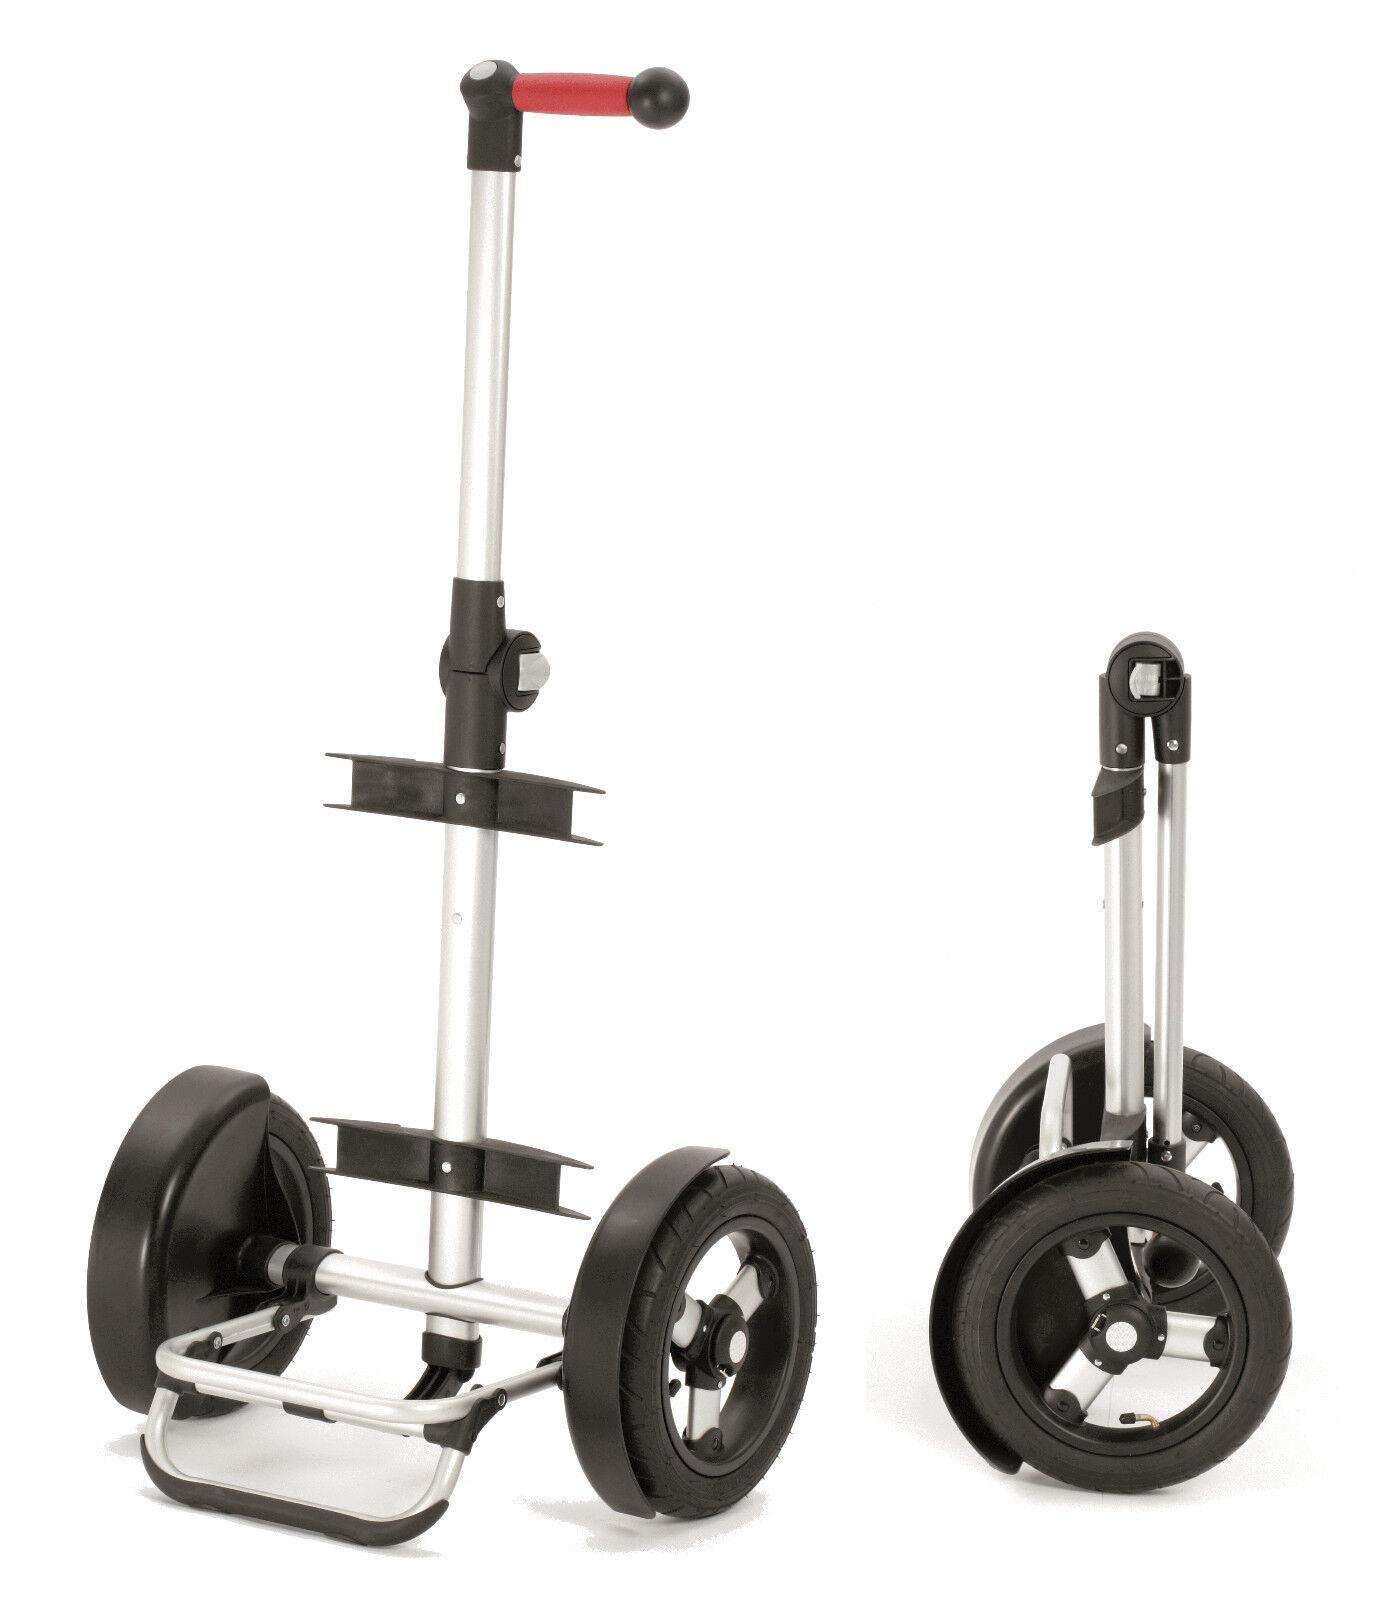 Andersen tura Shopper bastidor plegable 29-cm-rad remolque de bicicleta compra trolley